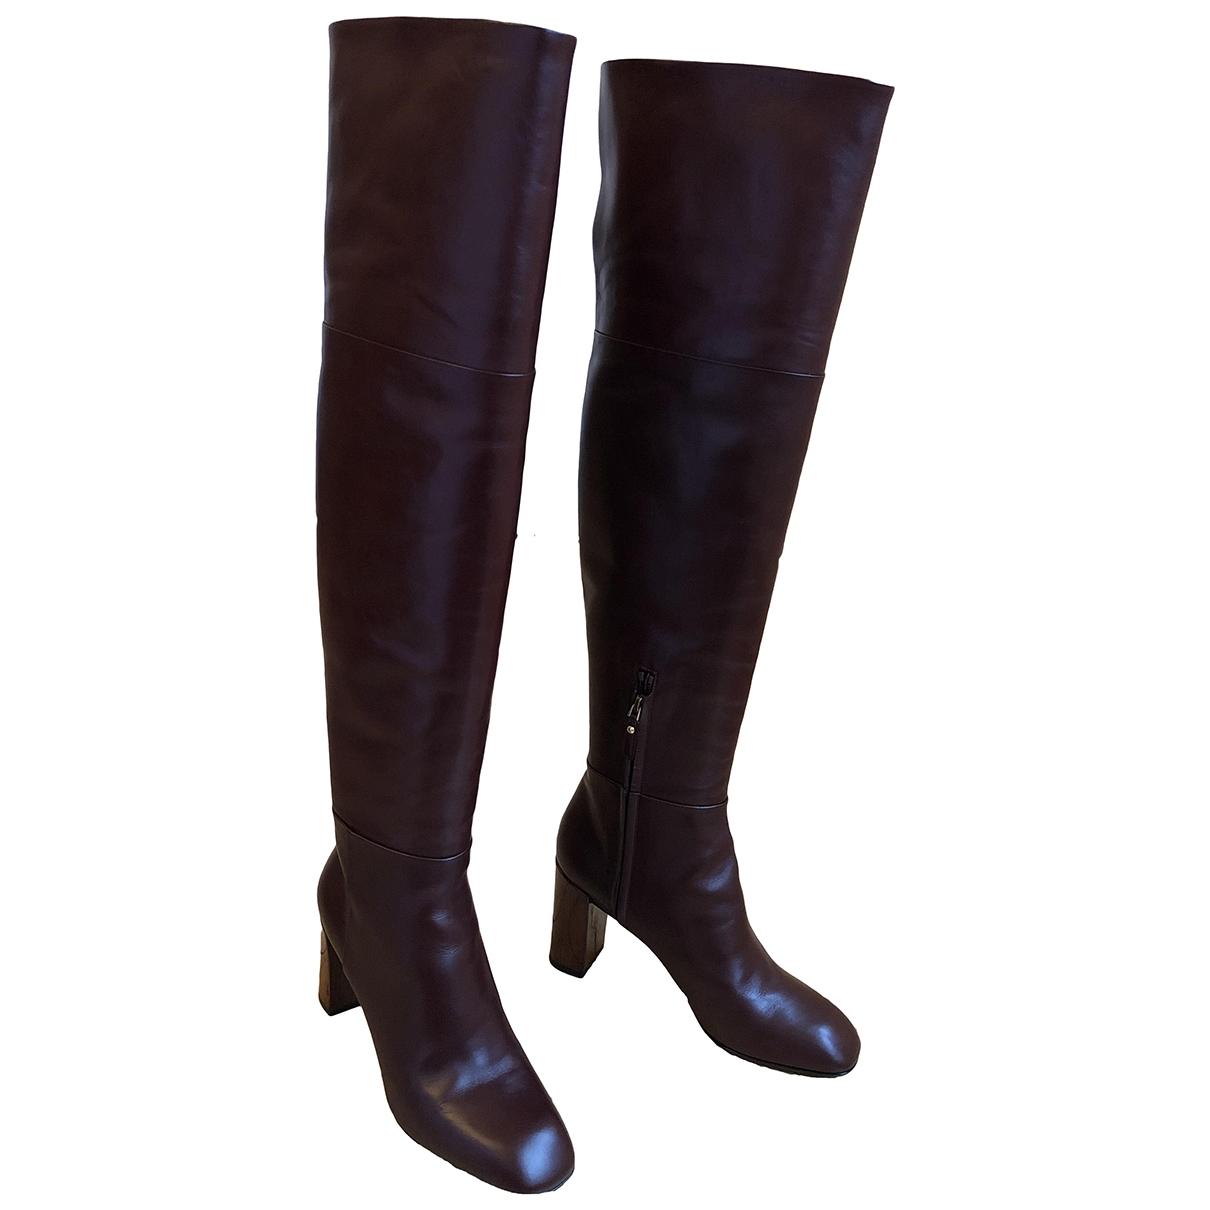 Louis Vuitton - Bottes   pour femme en cuir - bordeaux